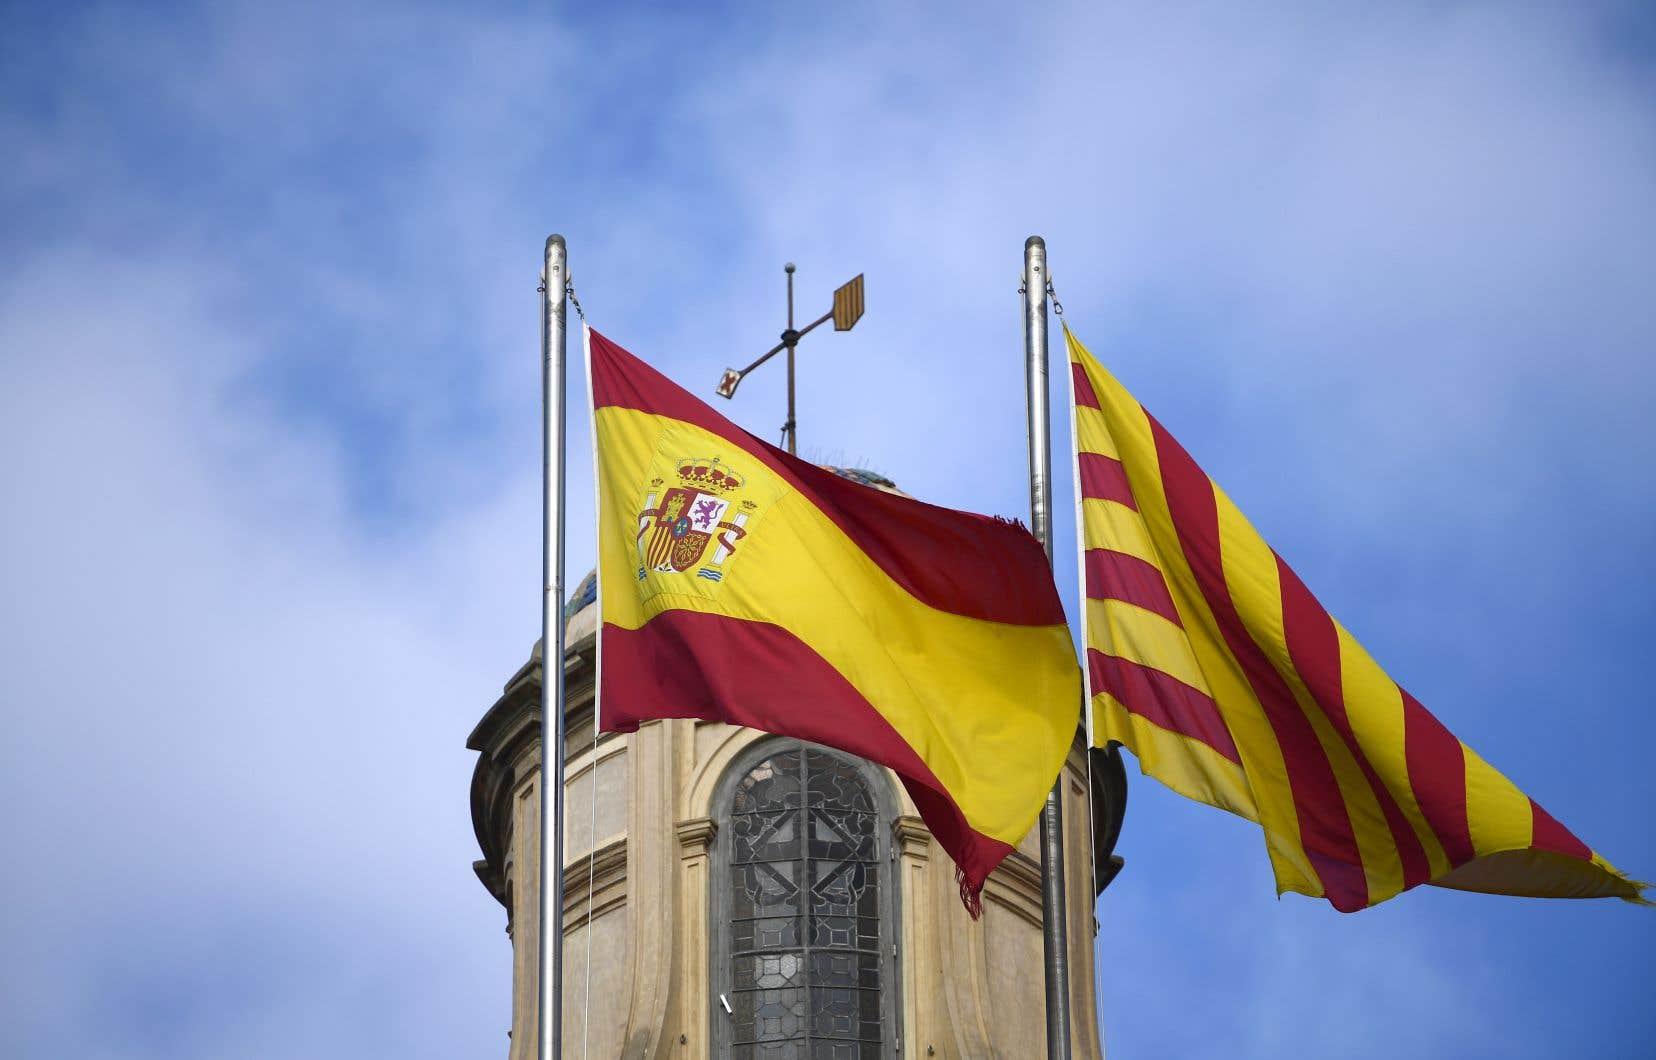 Même si la situation en Catalogne, mise sous tutelle par le gouvernement central, s'est momentanément stabilisée, le patron d'un groupe familial de vins et spiritueux n'a pas renoncé à monter une société de distribution parallèle à Madrid.